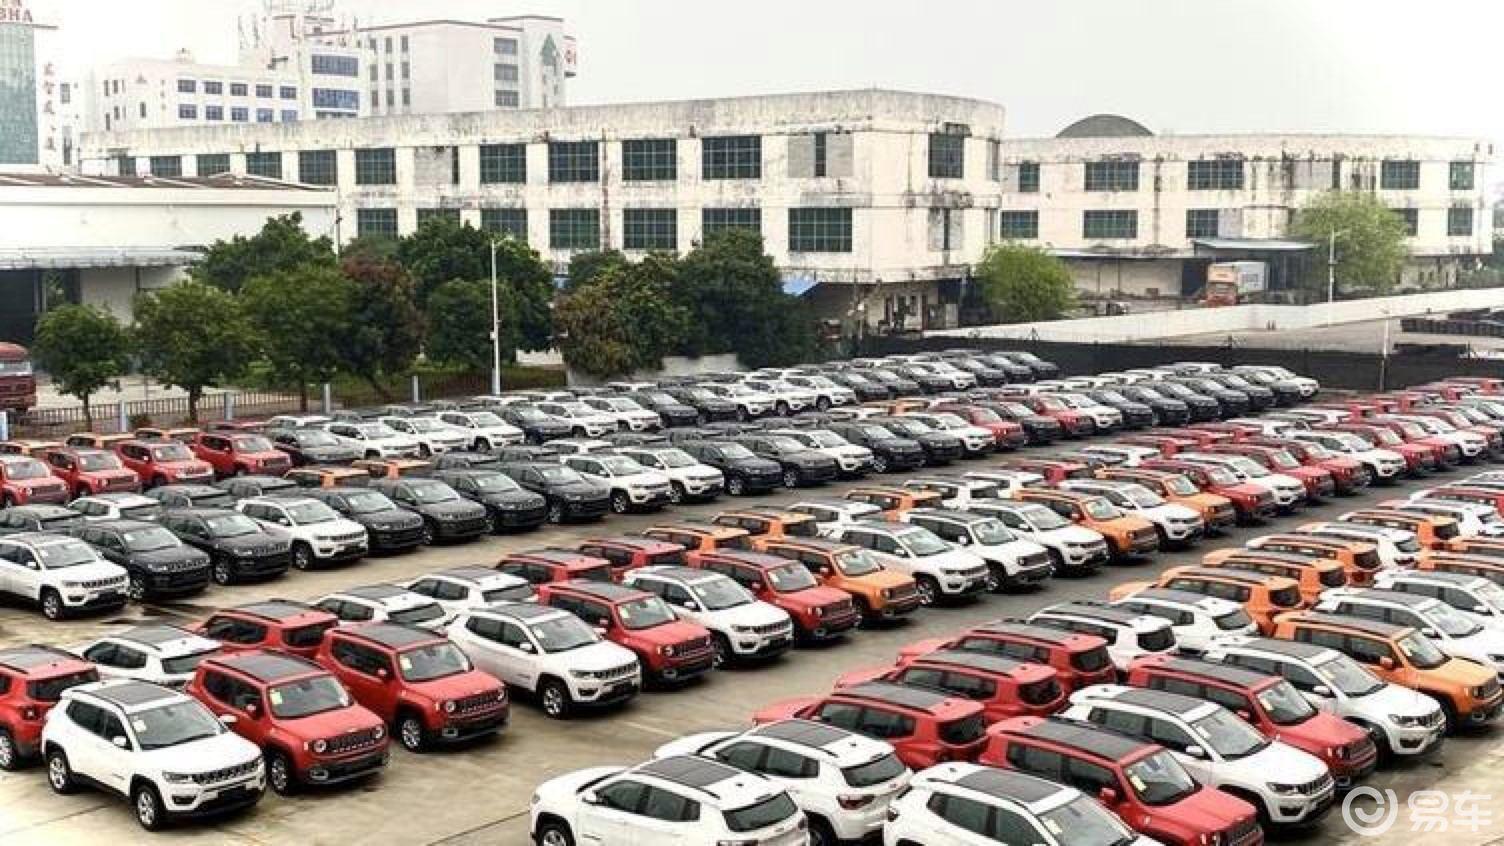 广汽菲克拿到独立出口整车资质 首批国产Jeep出口菲律宾